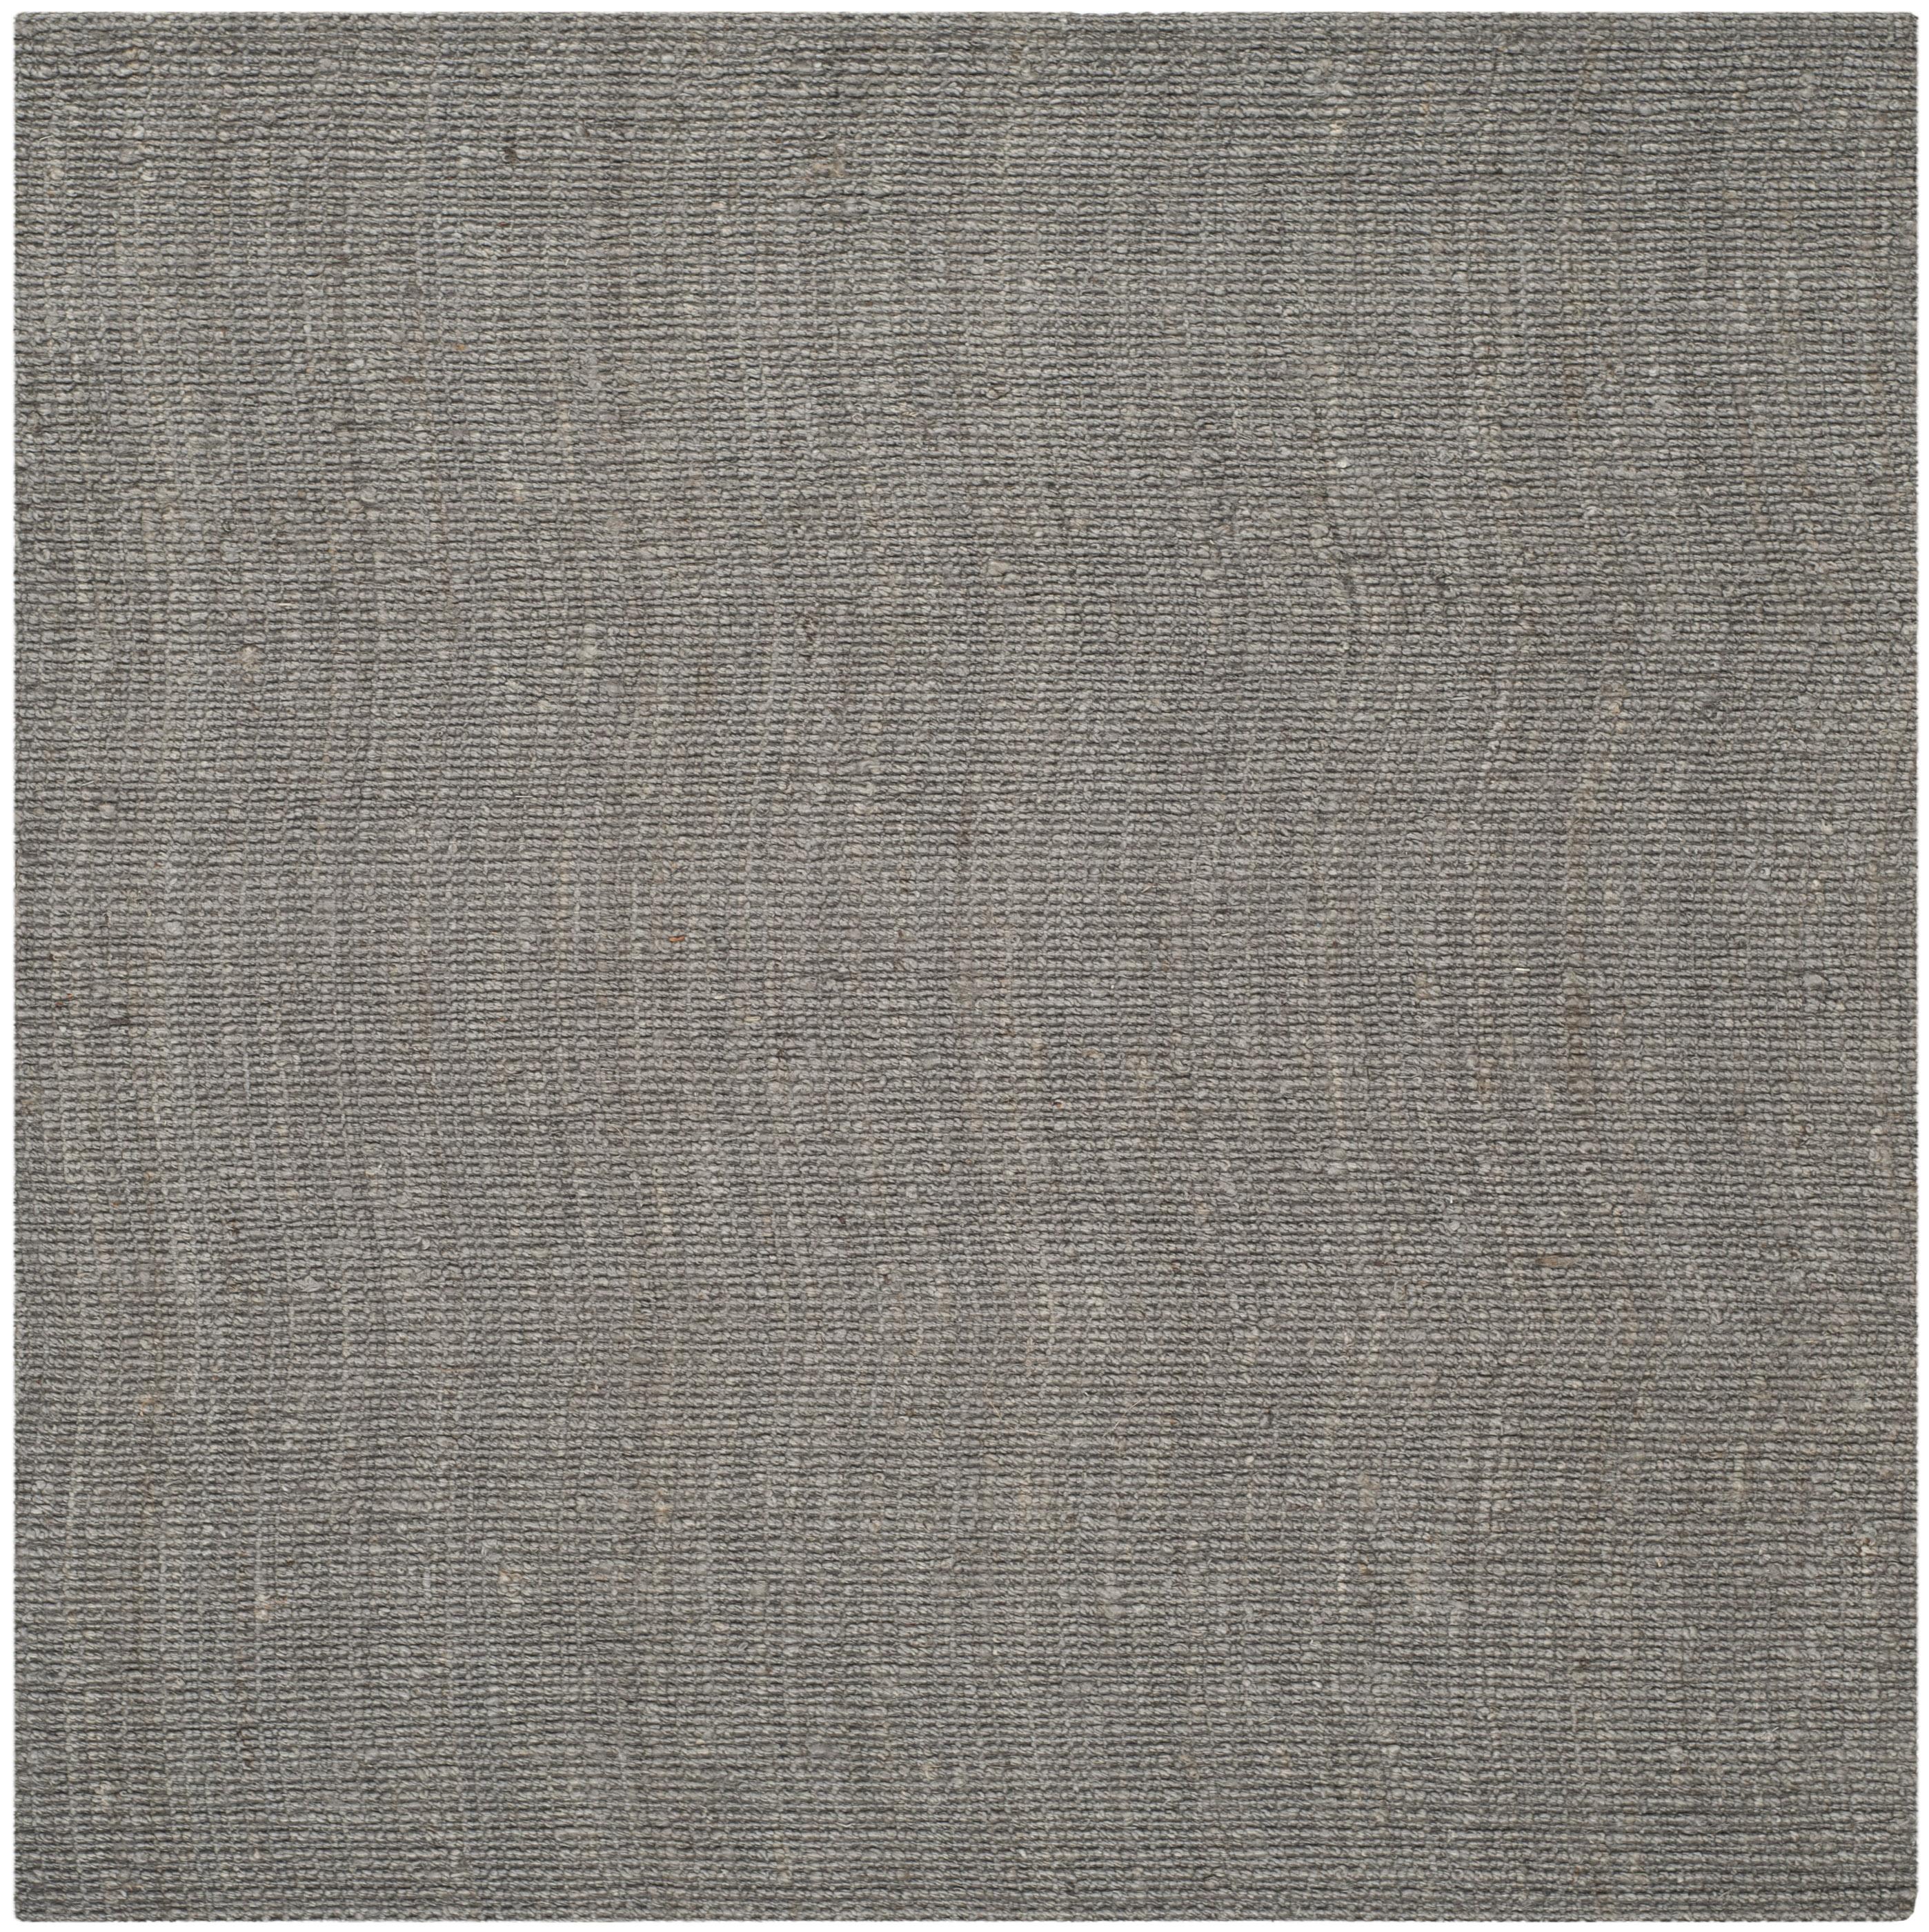 Danford 447 6' X 6' Square Gray Jute Rug